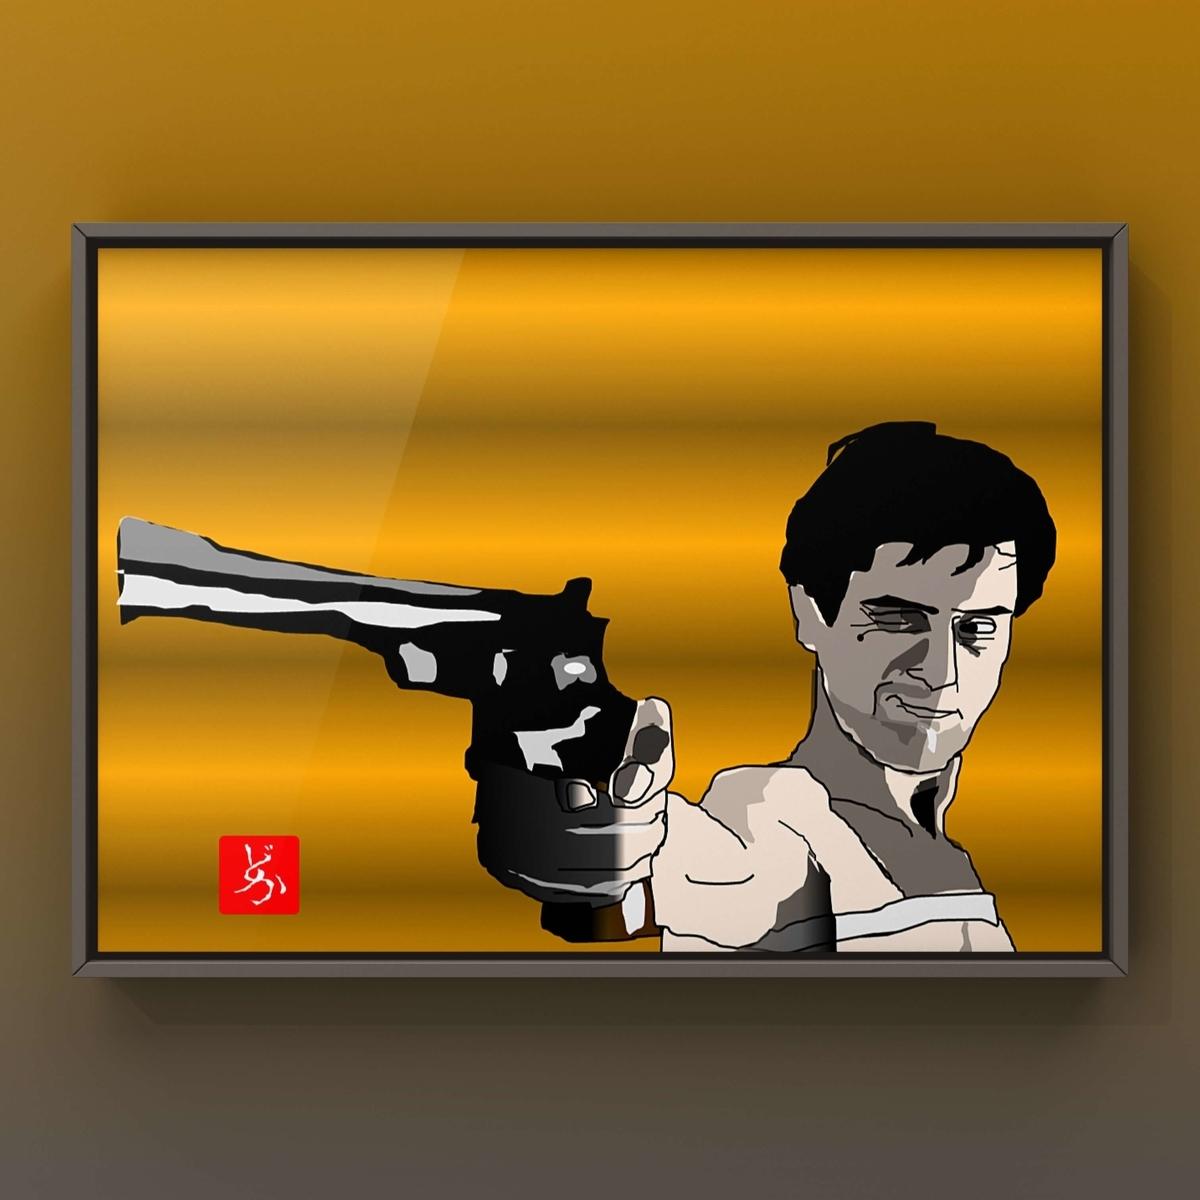 映画「タクシー・ドライバー」のロバート・デニーロのエクセル画イラスト額装版